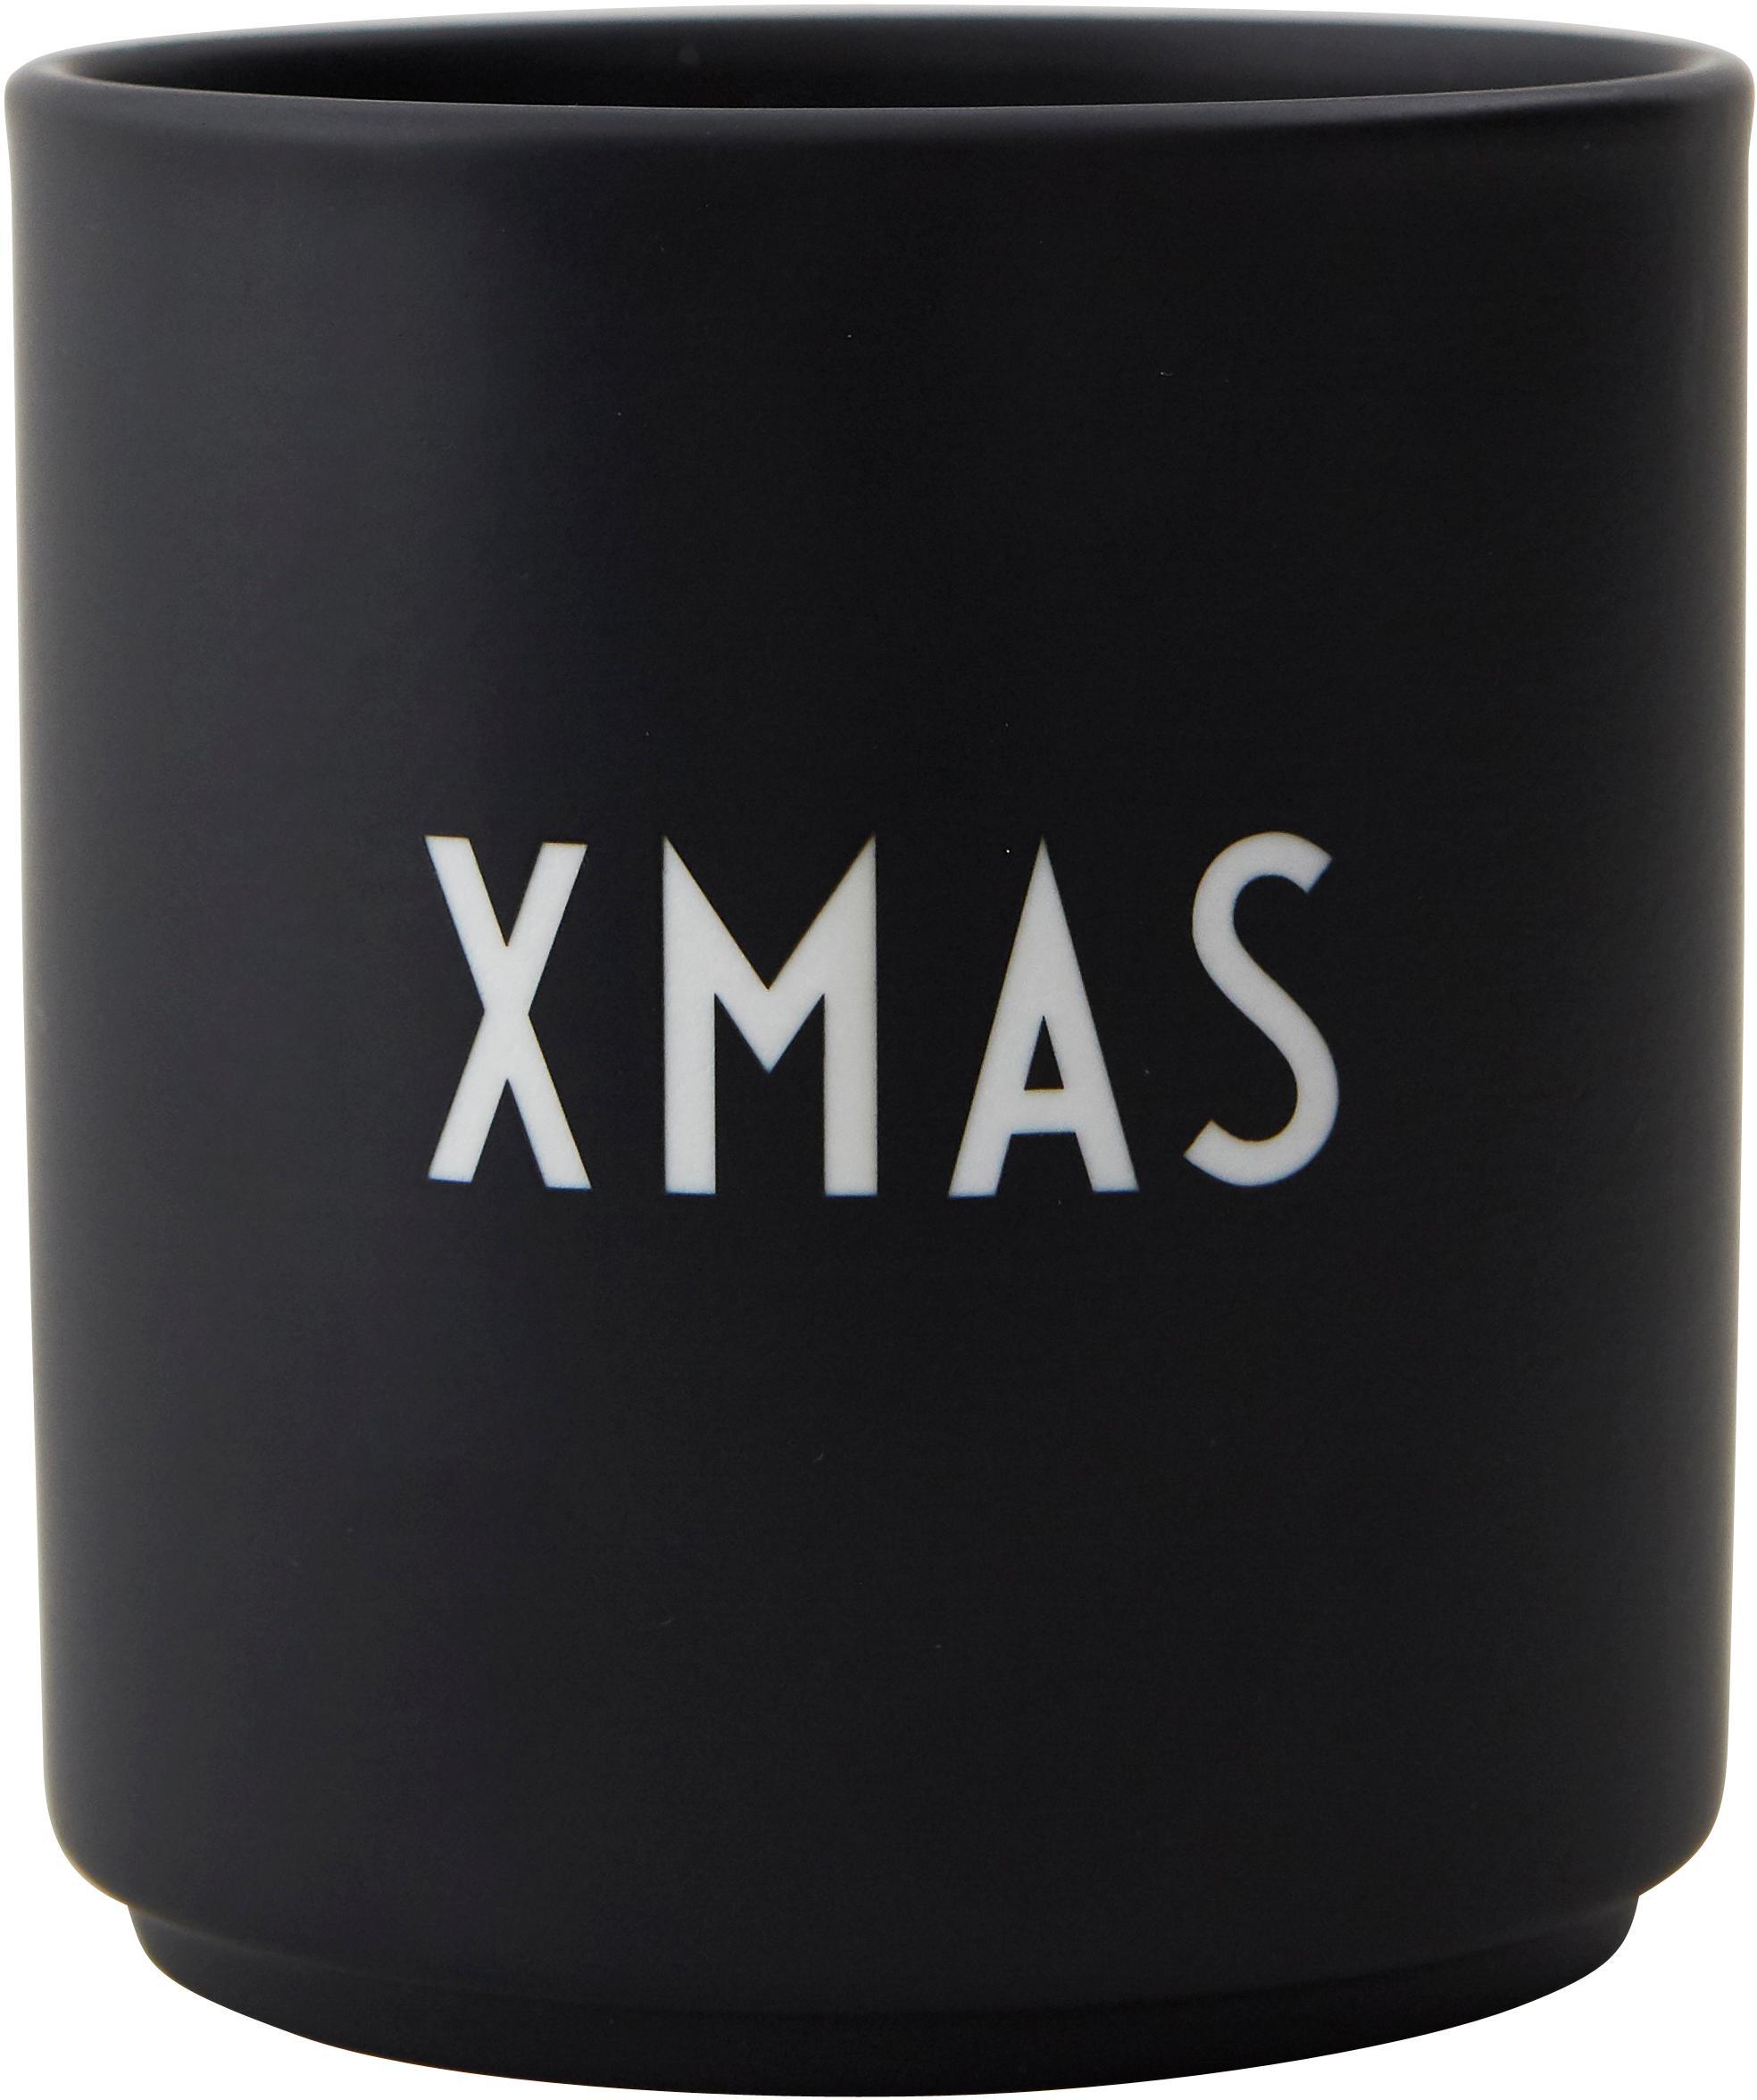 Kubek Favourite XMAS, Porcelana chińska, Czarny, biały, Ø 8 x W 9 cm